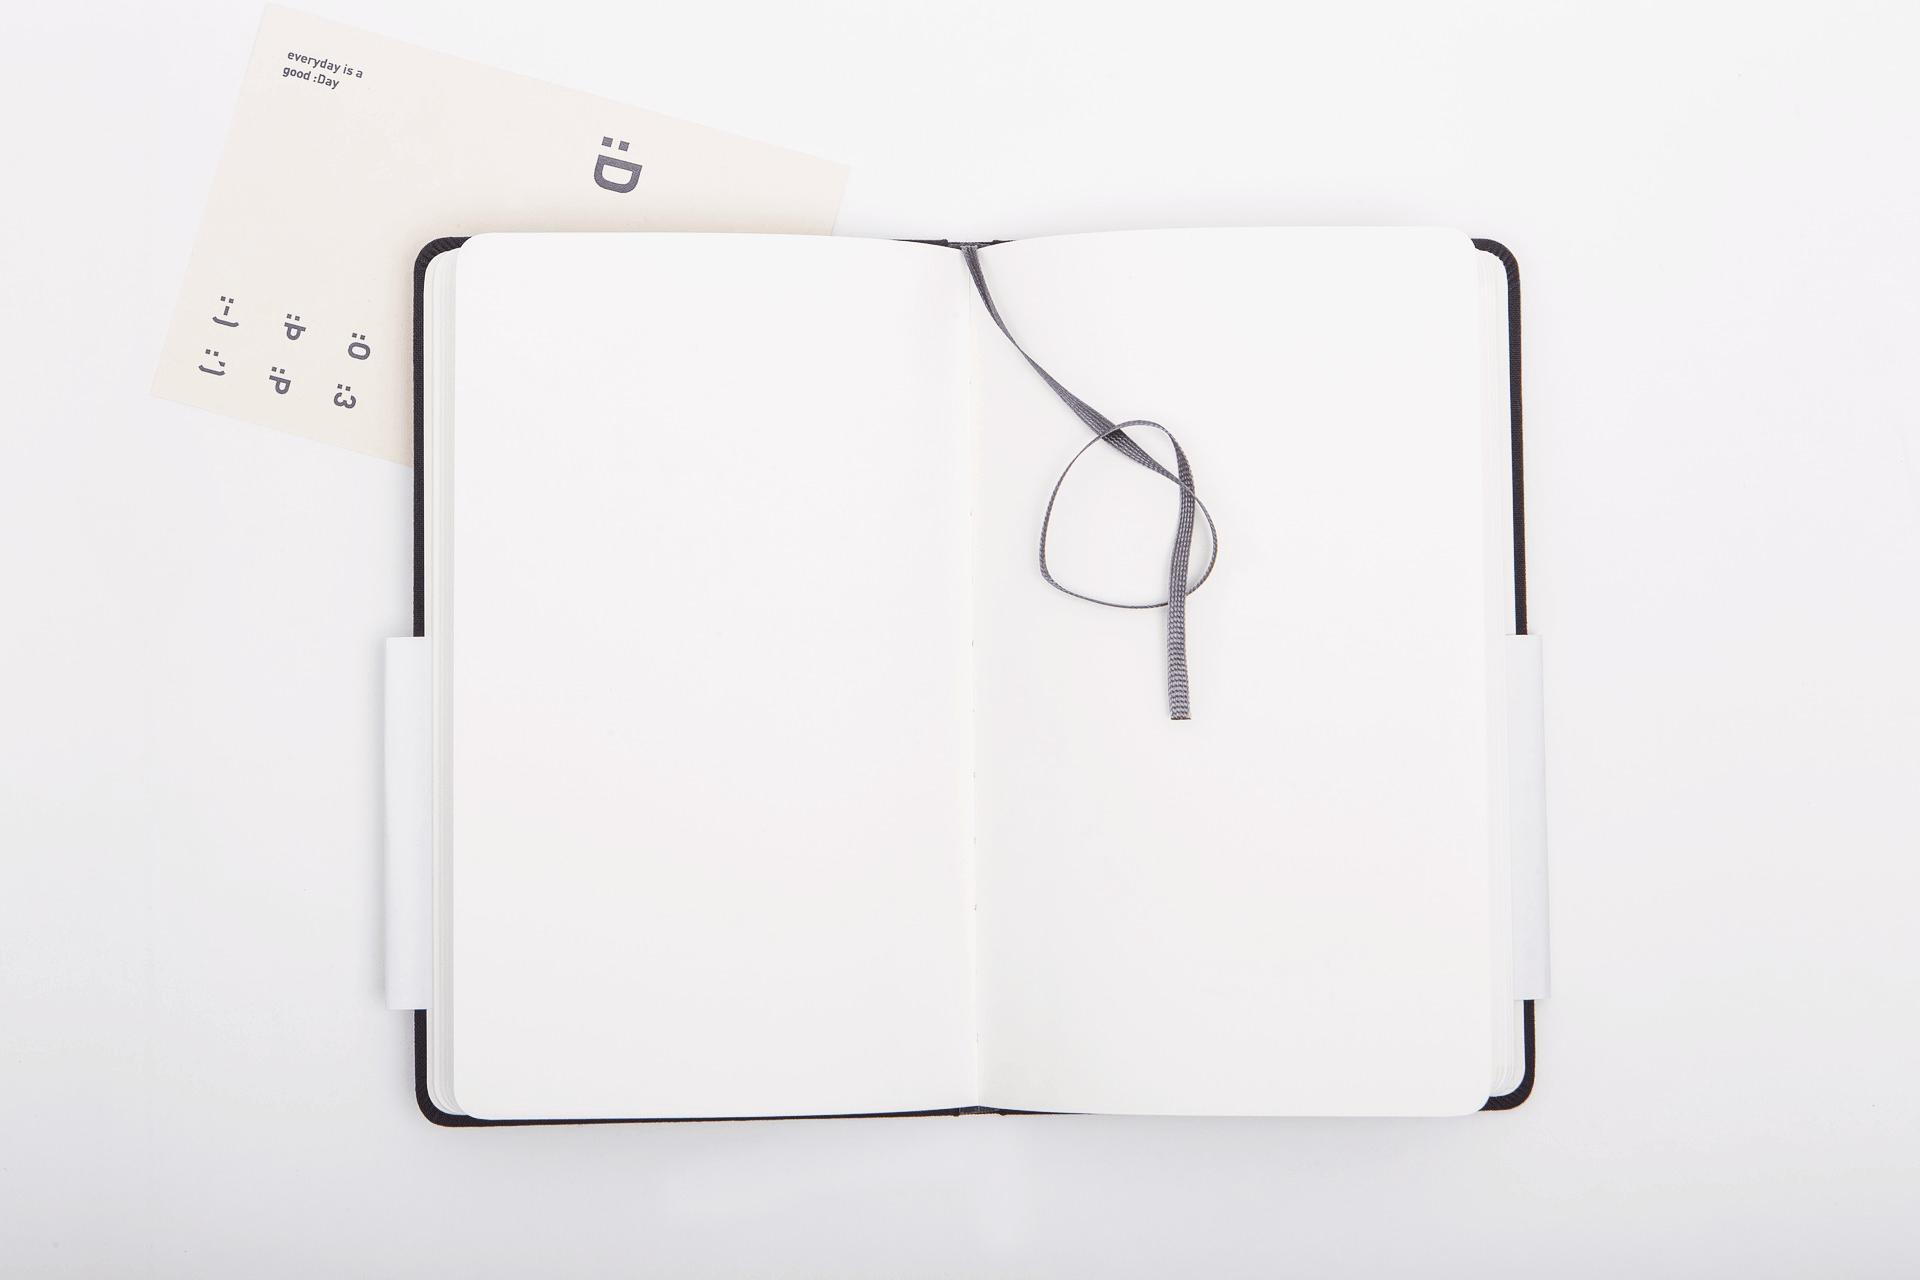 sposoby zapisywania przeczytanych książek